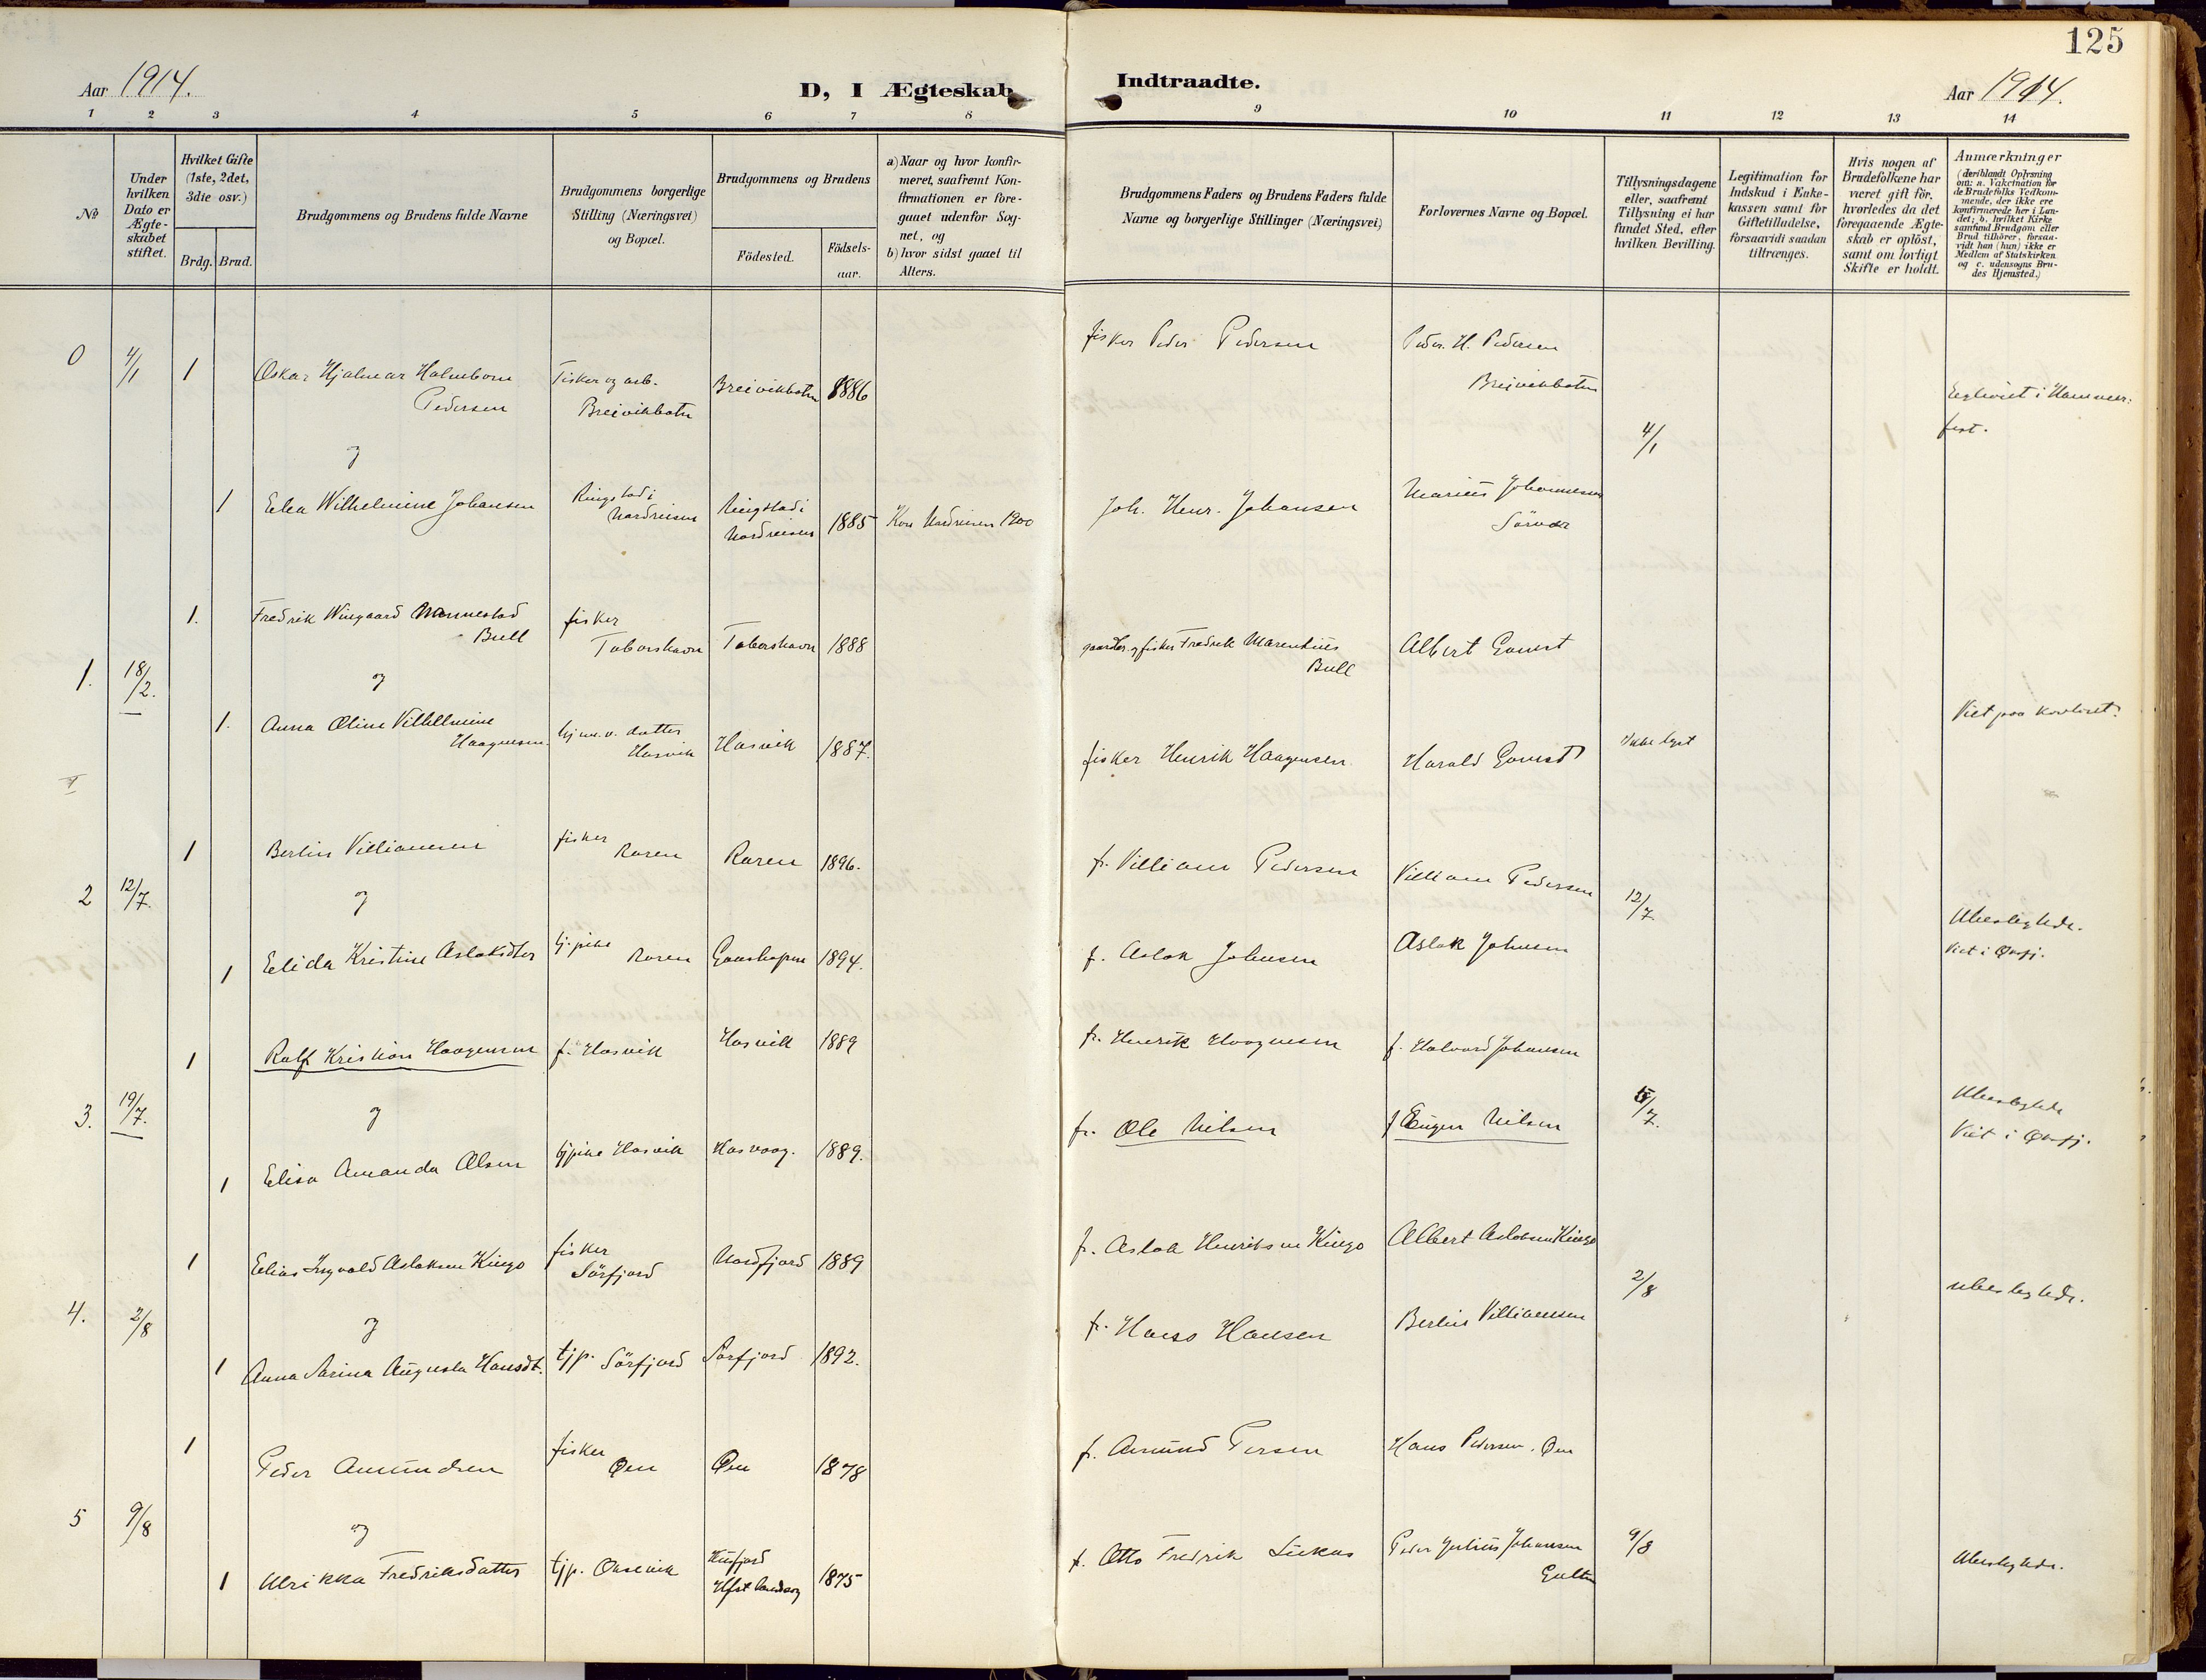 SATØ, Loppa sokneprestkontor, H/Ha/L0010kirke: Ministerialbok nr. 10, 1907-1922, s. 125